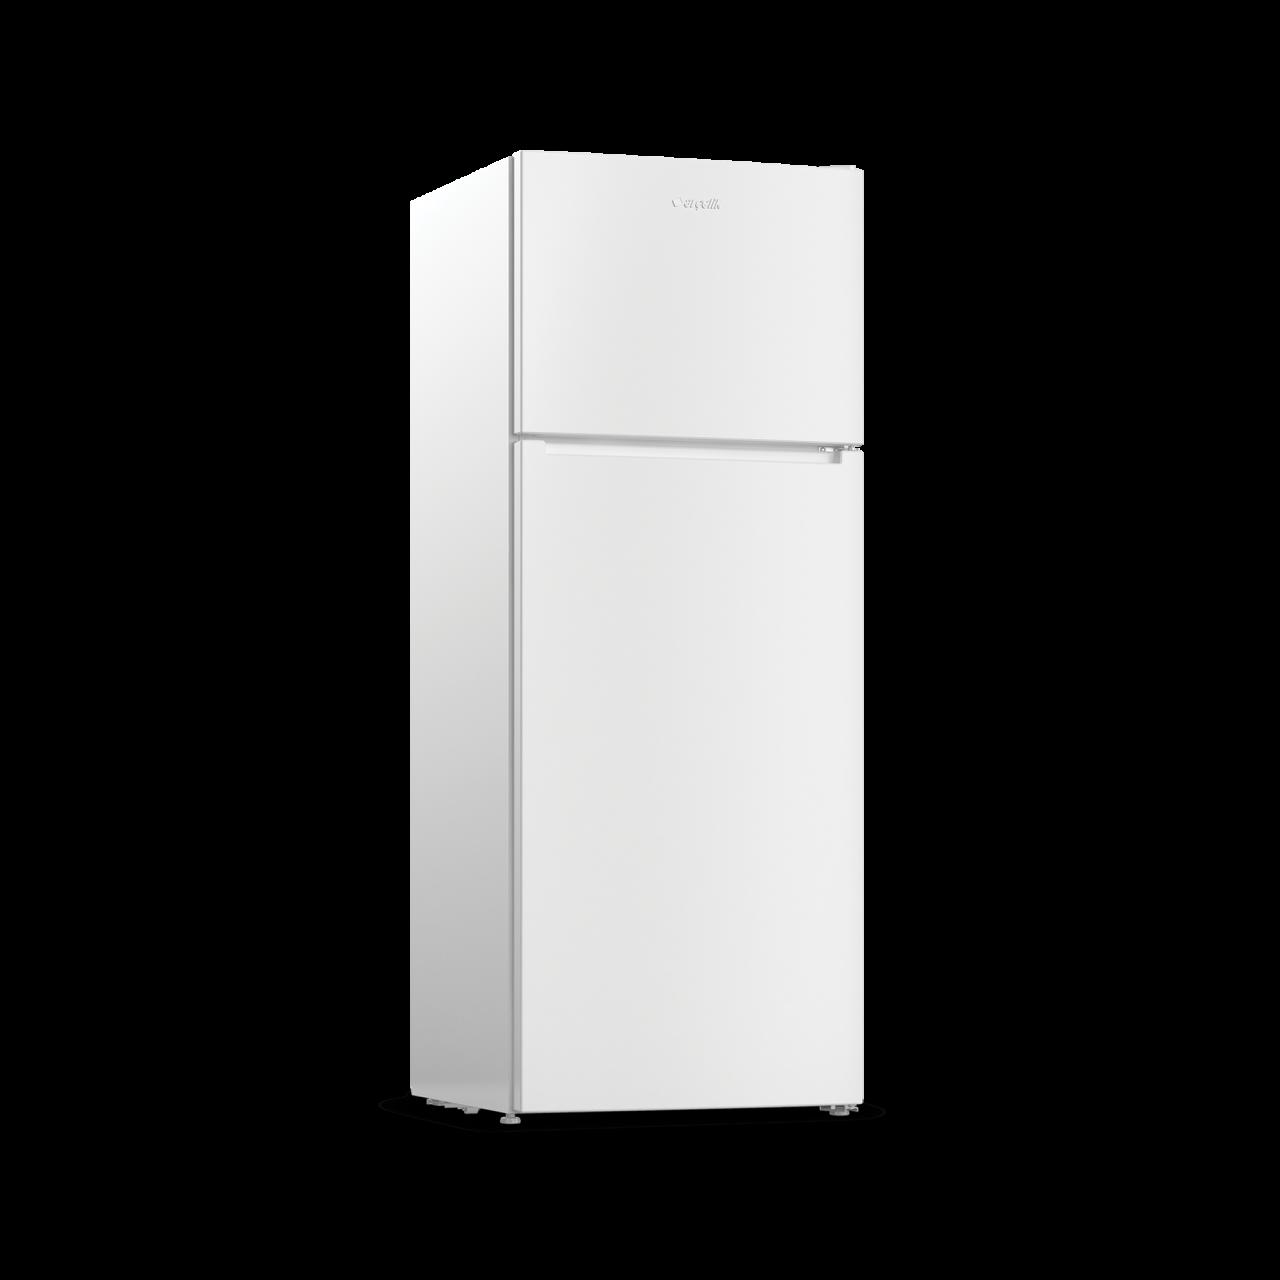 Arçelik 4263 EY Derin Dondurucu Buzdolabı